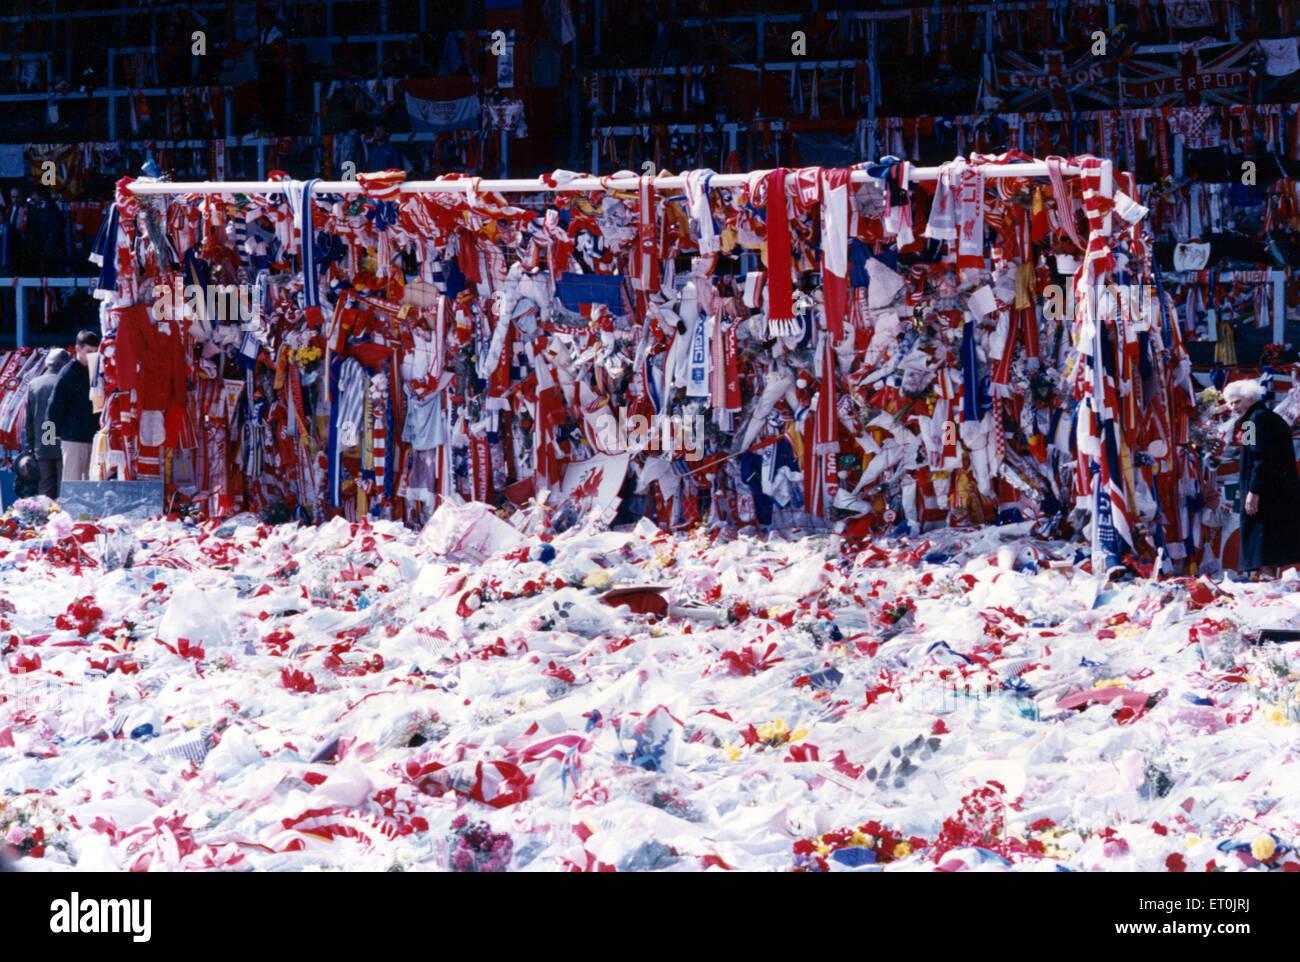 Der Torraum auf dem Spielfeld an der Anfield Road, bedeckt mit Liverpool und Everton Schals und Fahnen als Markierung des Respektes für die vielen Liverpool-Fans, die ihr Leben in Hillsborough nur wenige Tage vor. 18. April 1989. Stockfoto